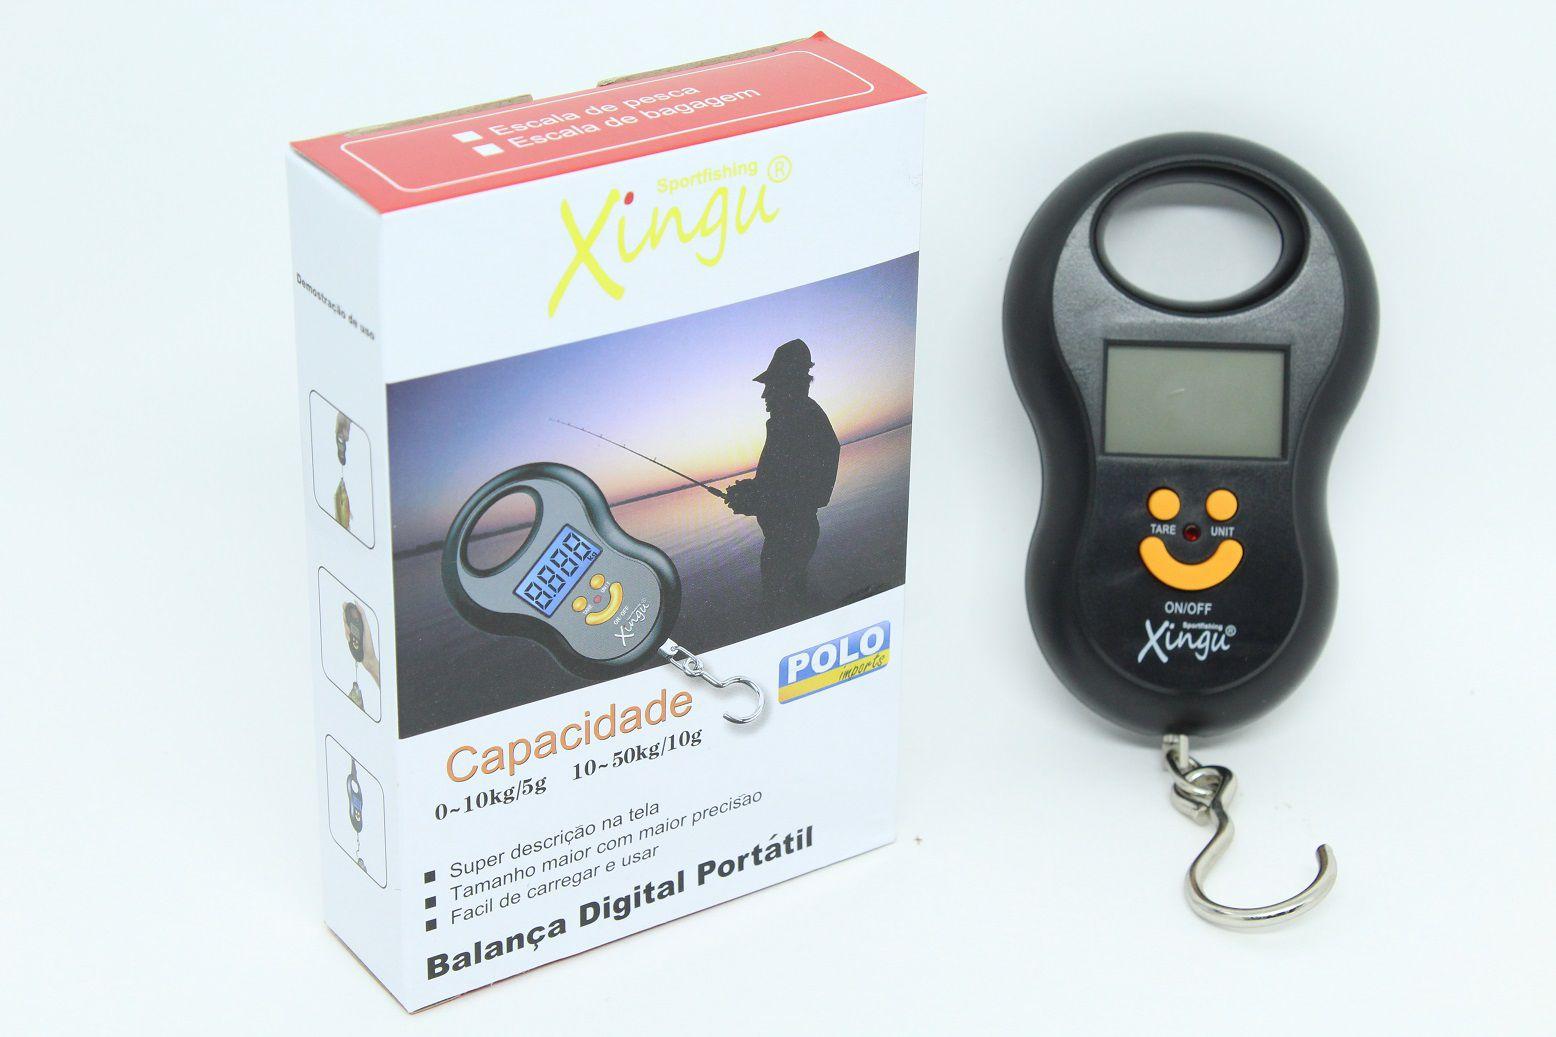 Balança Digital de Precisão Xingu 50Kg Digital Portátil  - Life Pesca - Sua loja de Pesca, Camping e Lazer